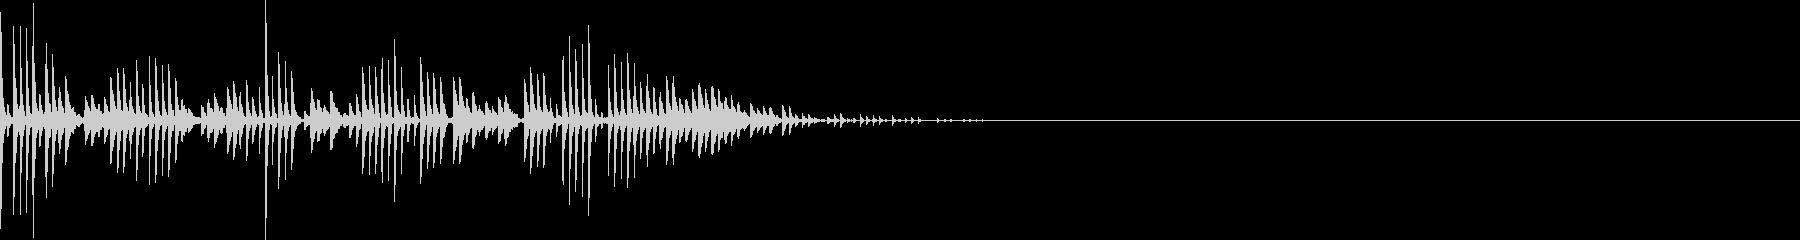 シュワワワ(マイナスイメージ_ミス)の未再生の波形